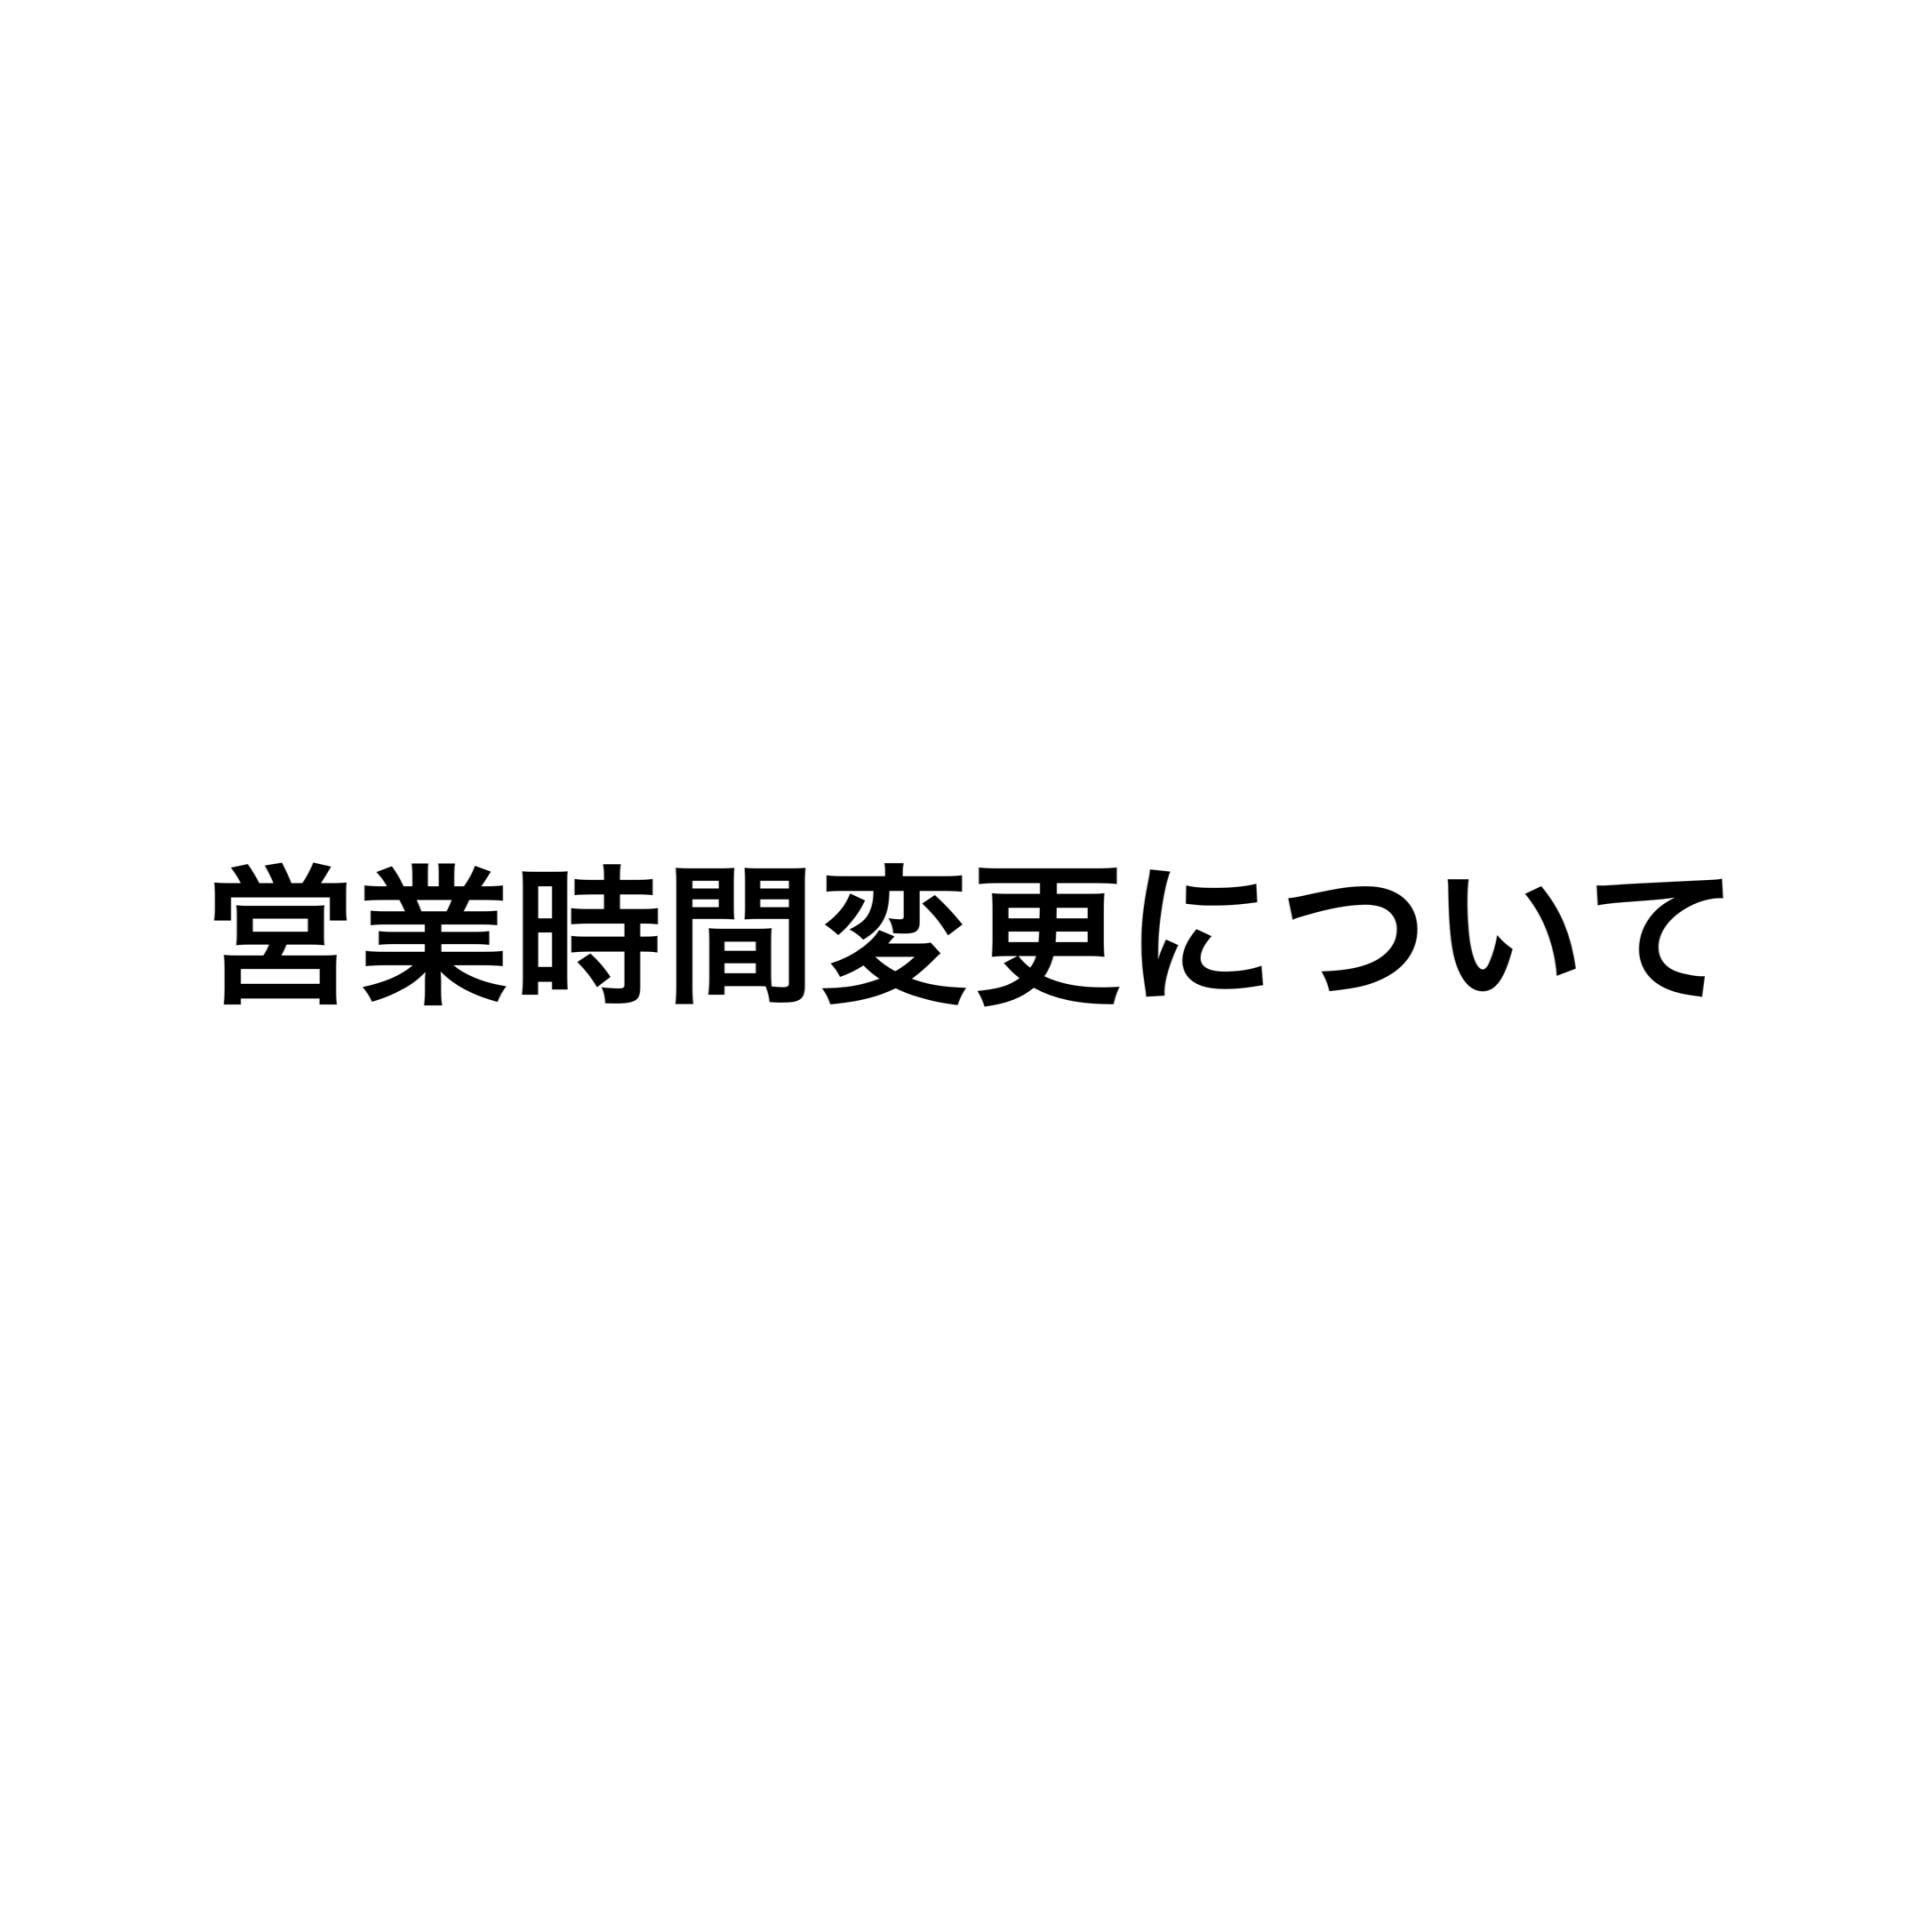 ホームページTOP写真